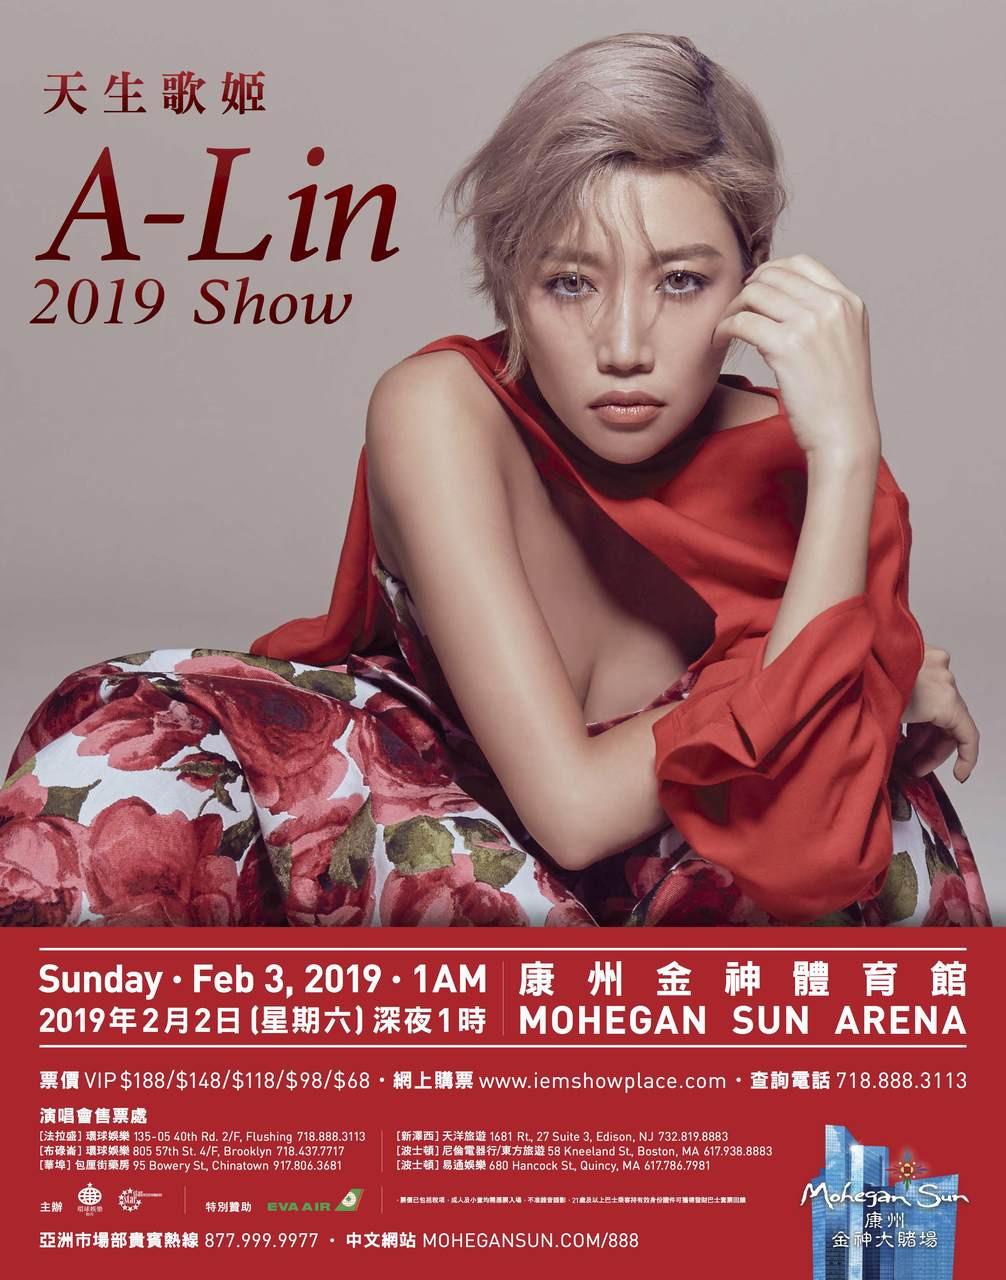 Poster - 天生歌姬 A-Lin 2019 Mohegan Sun